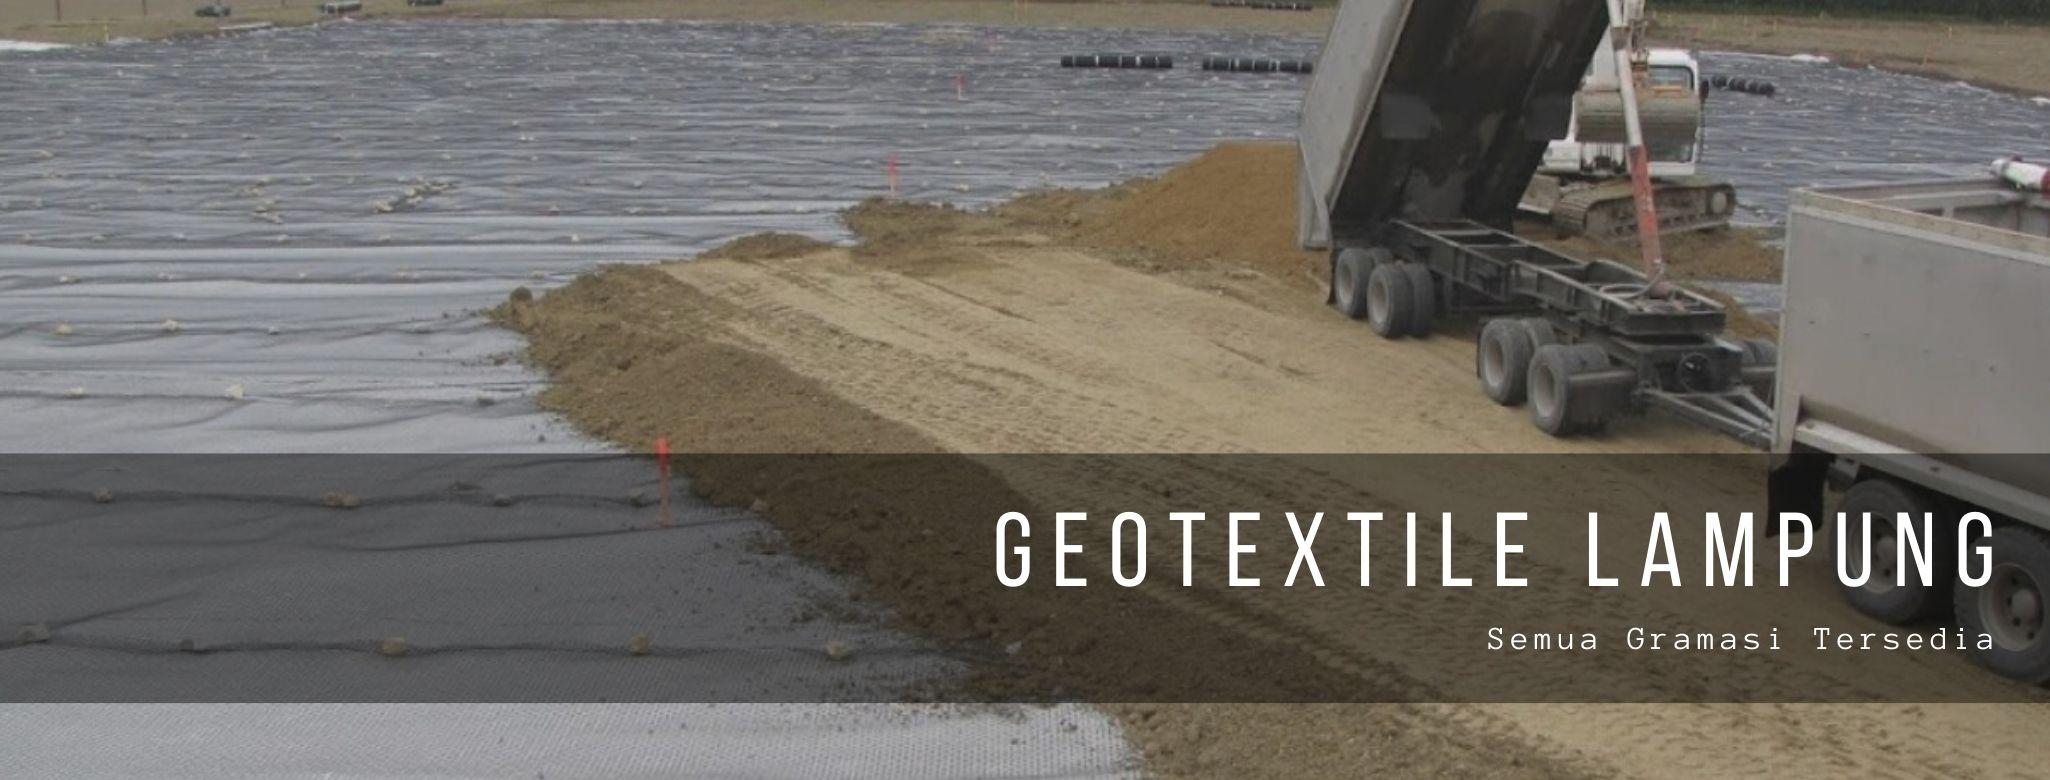 Geotextile Lampung Semua Gramasi Tersedia